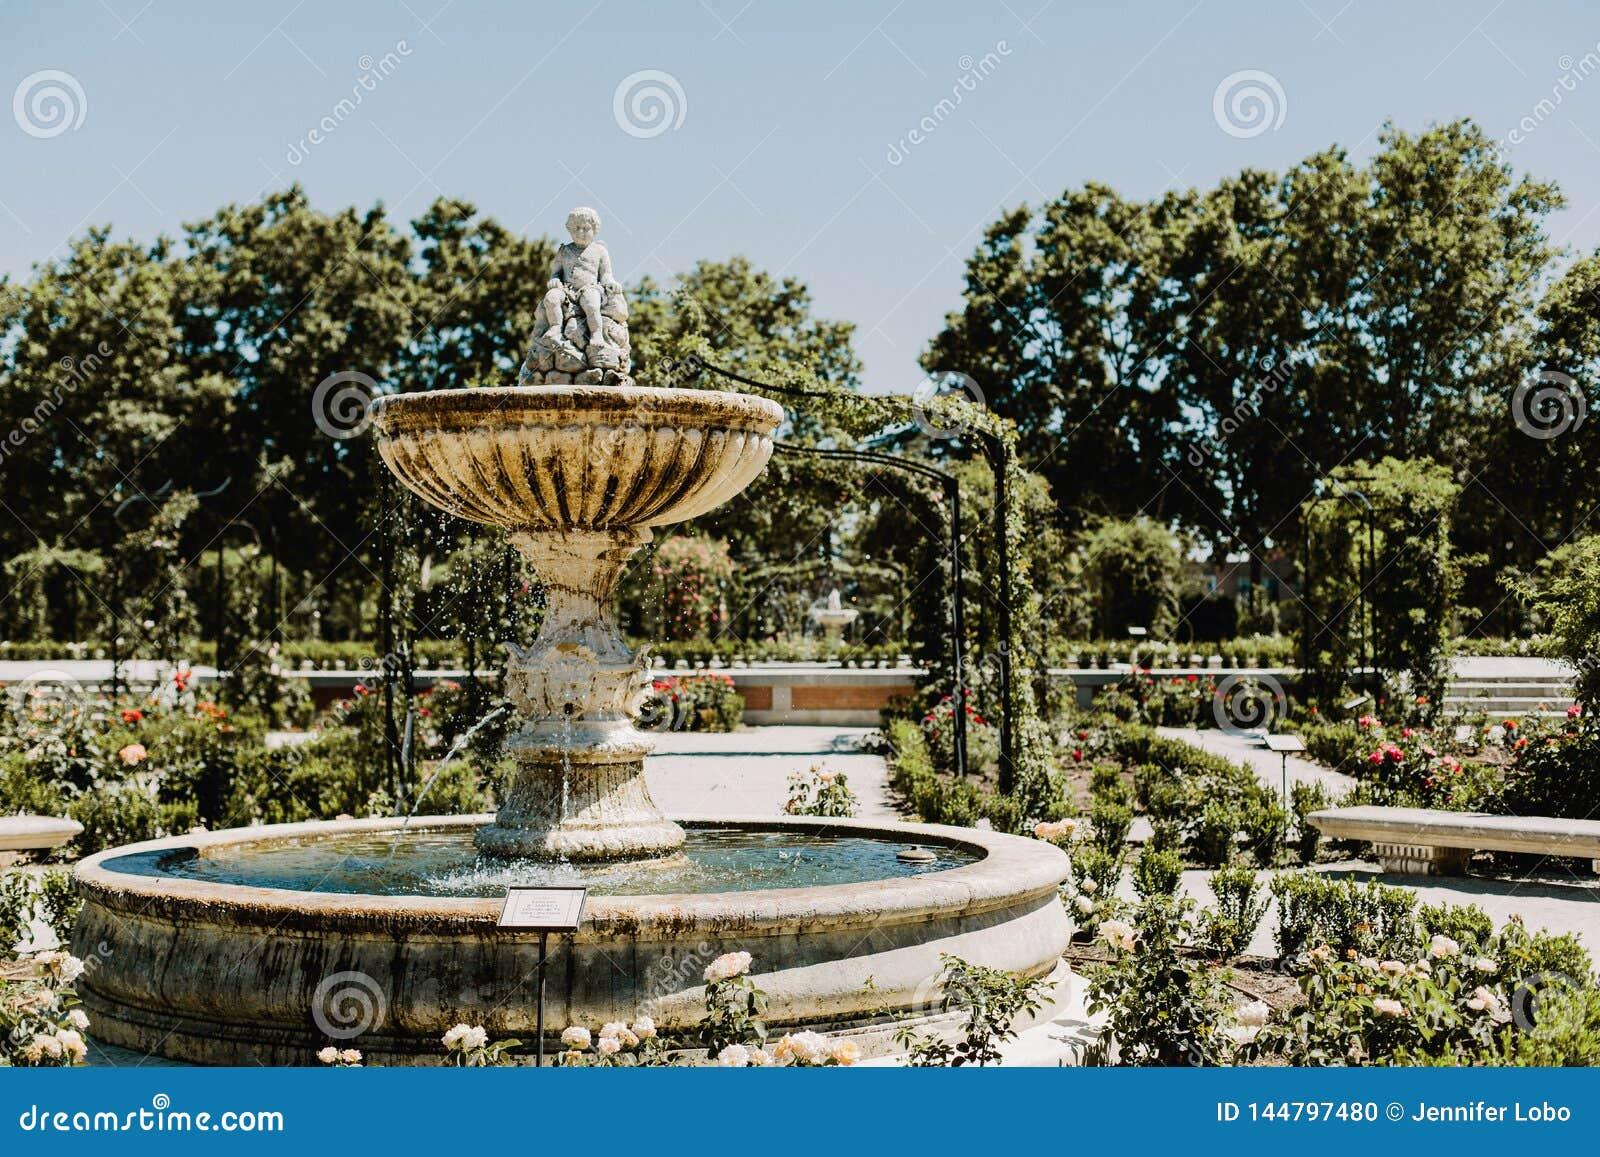 Parque del Buen Retiro i Madrid, Spanien